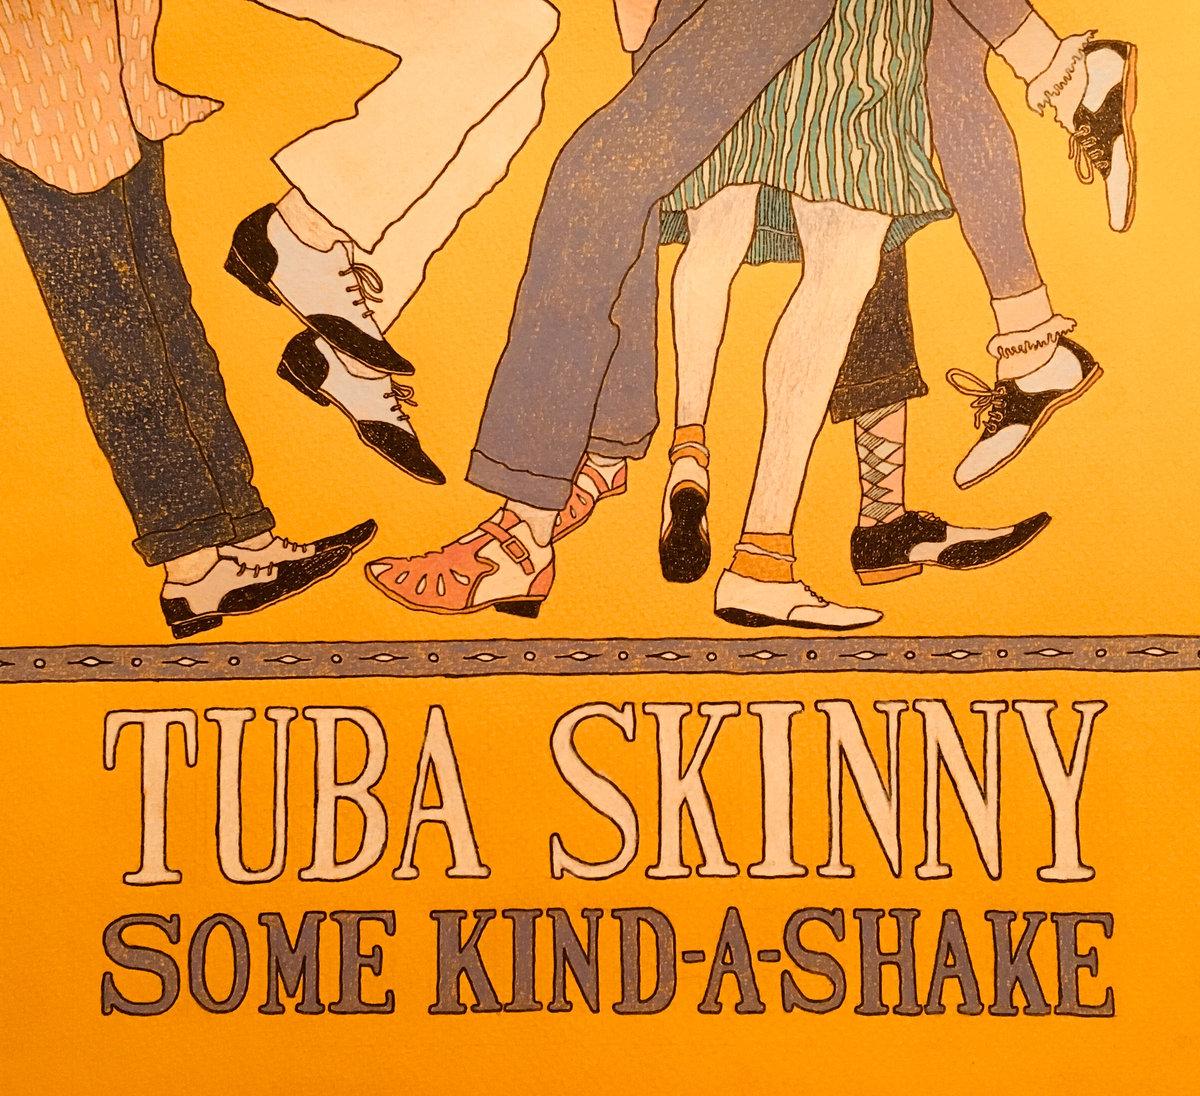 Some Kind-A-Shake de Tuba Skinny